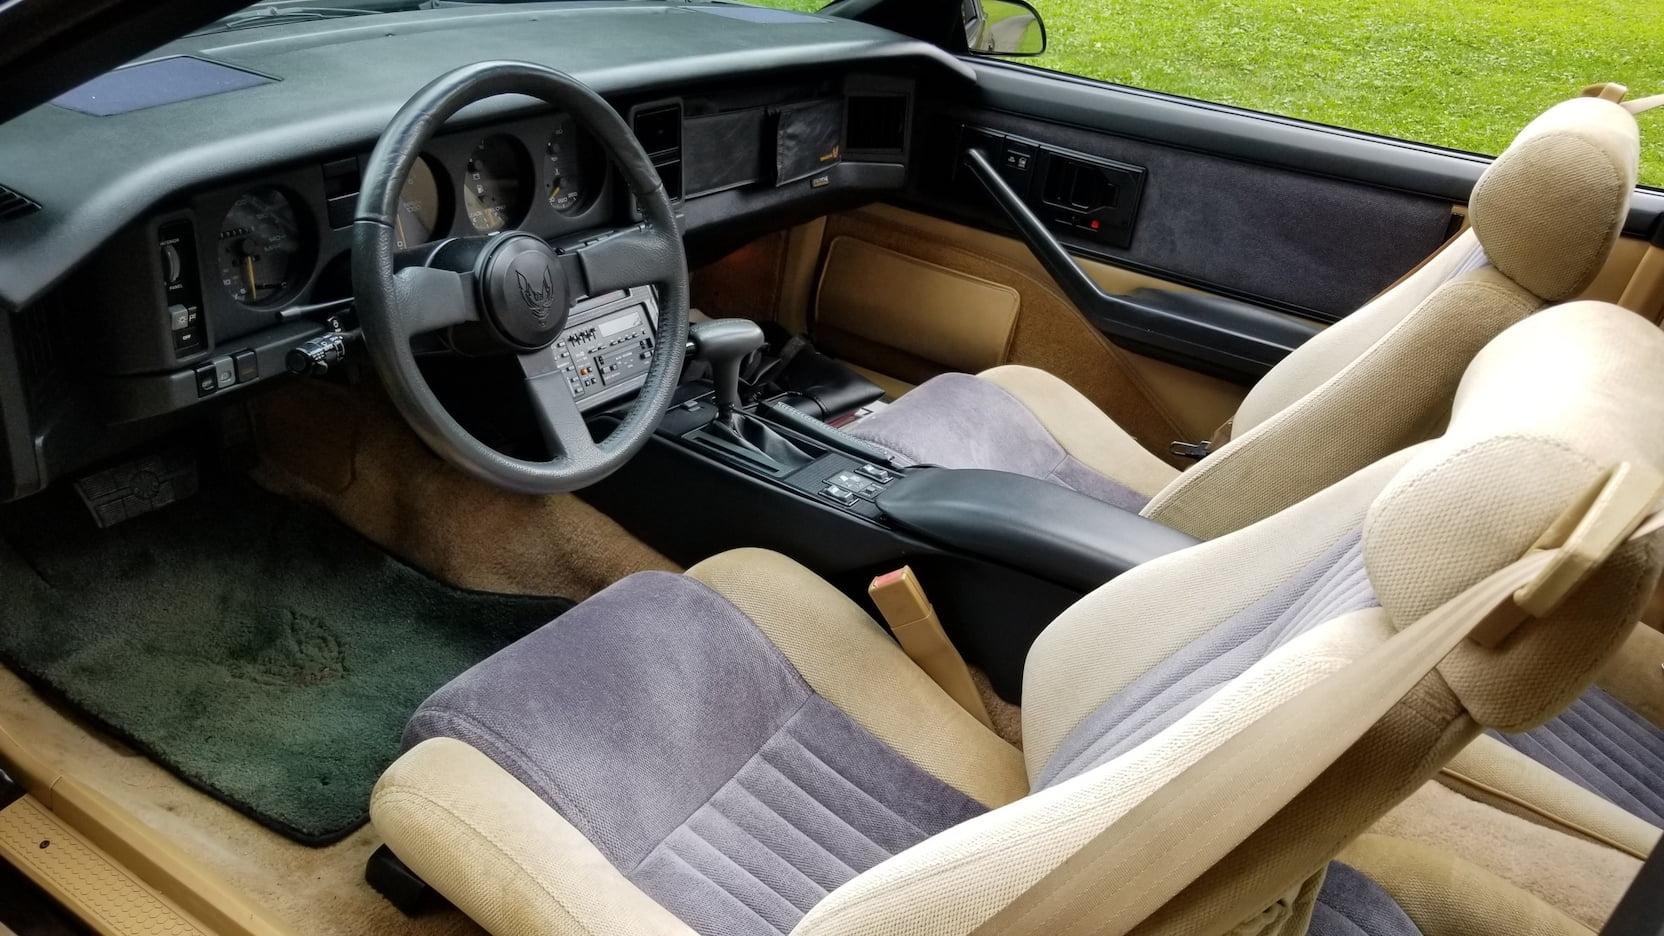 1986 Pontiac Trans Am interior